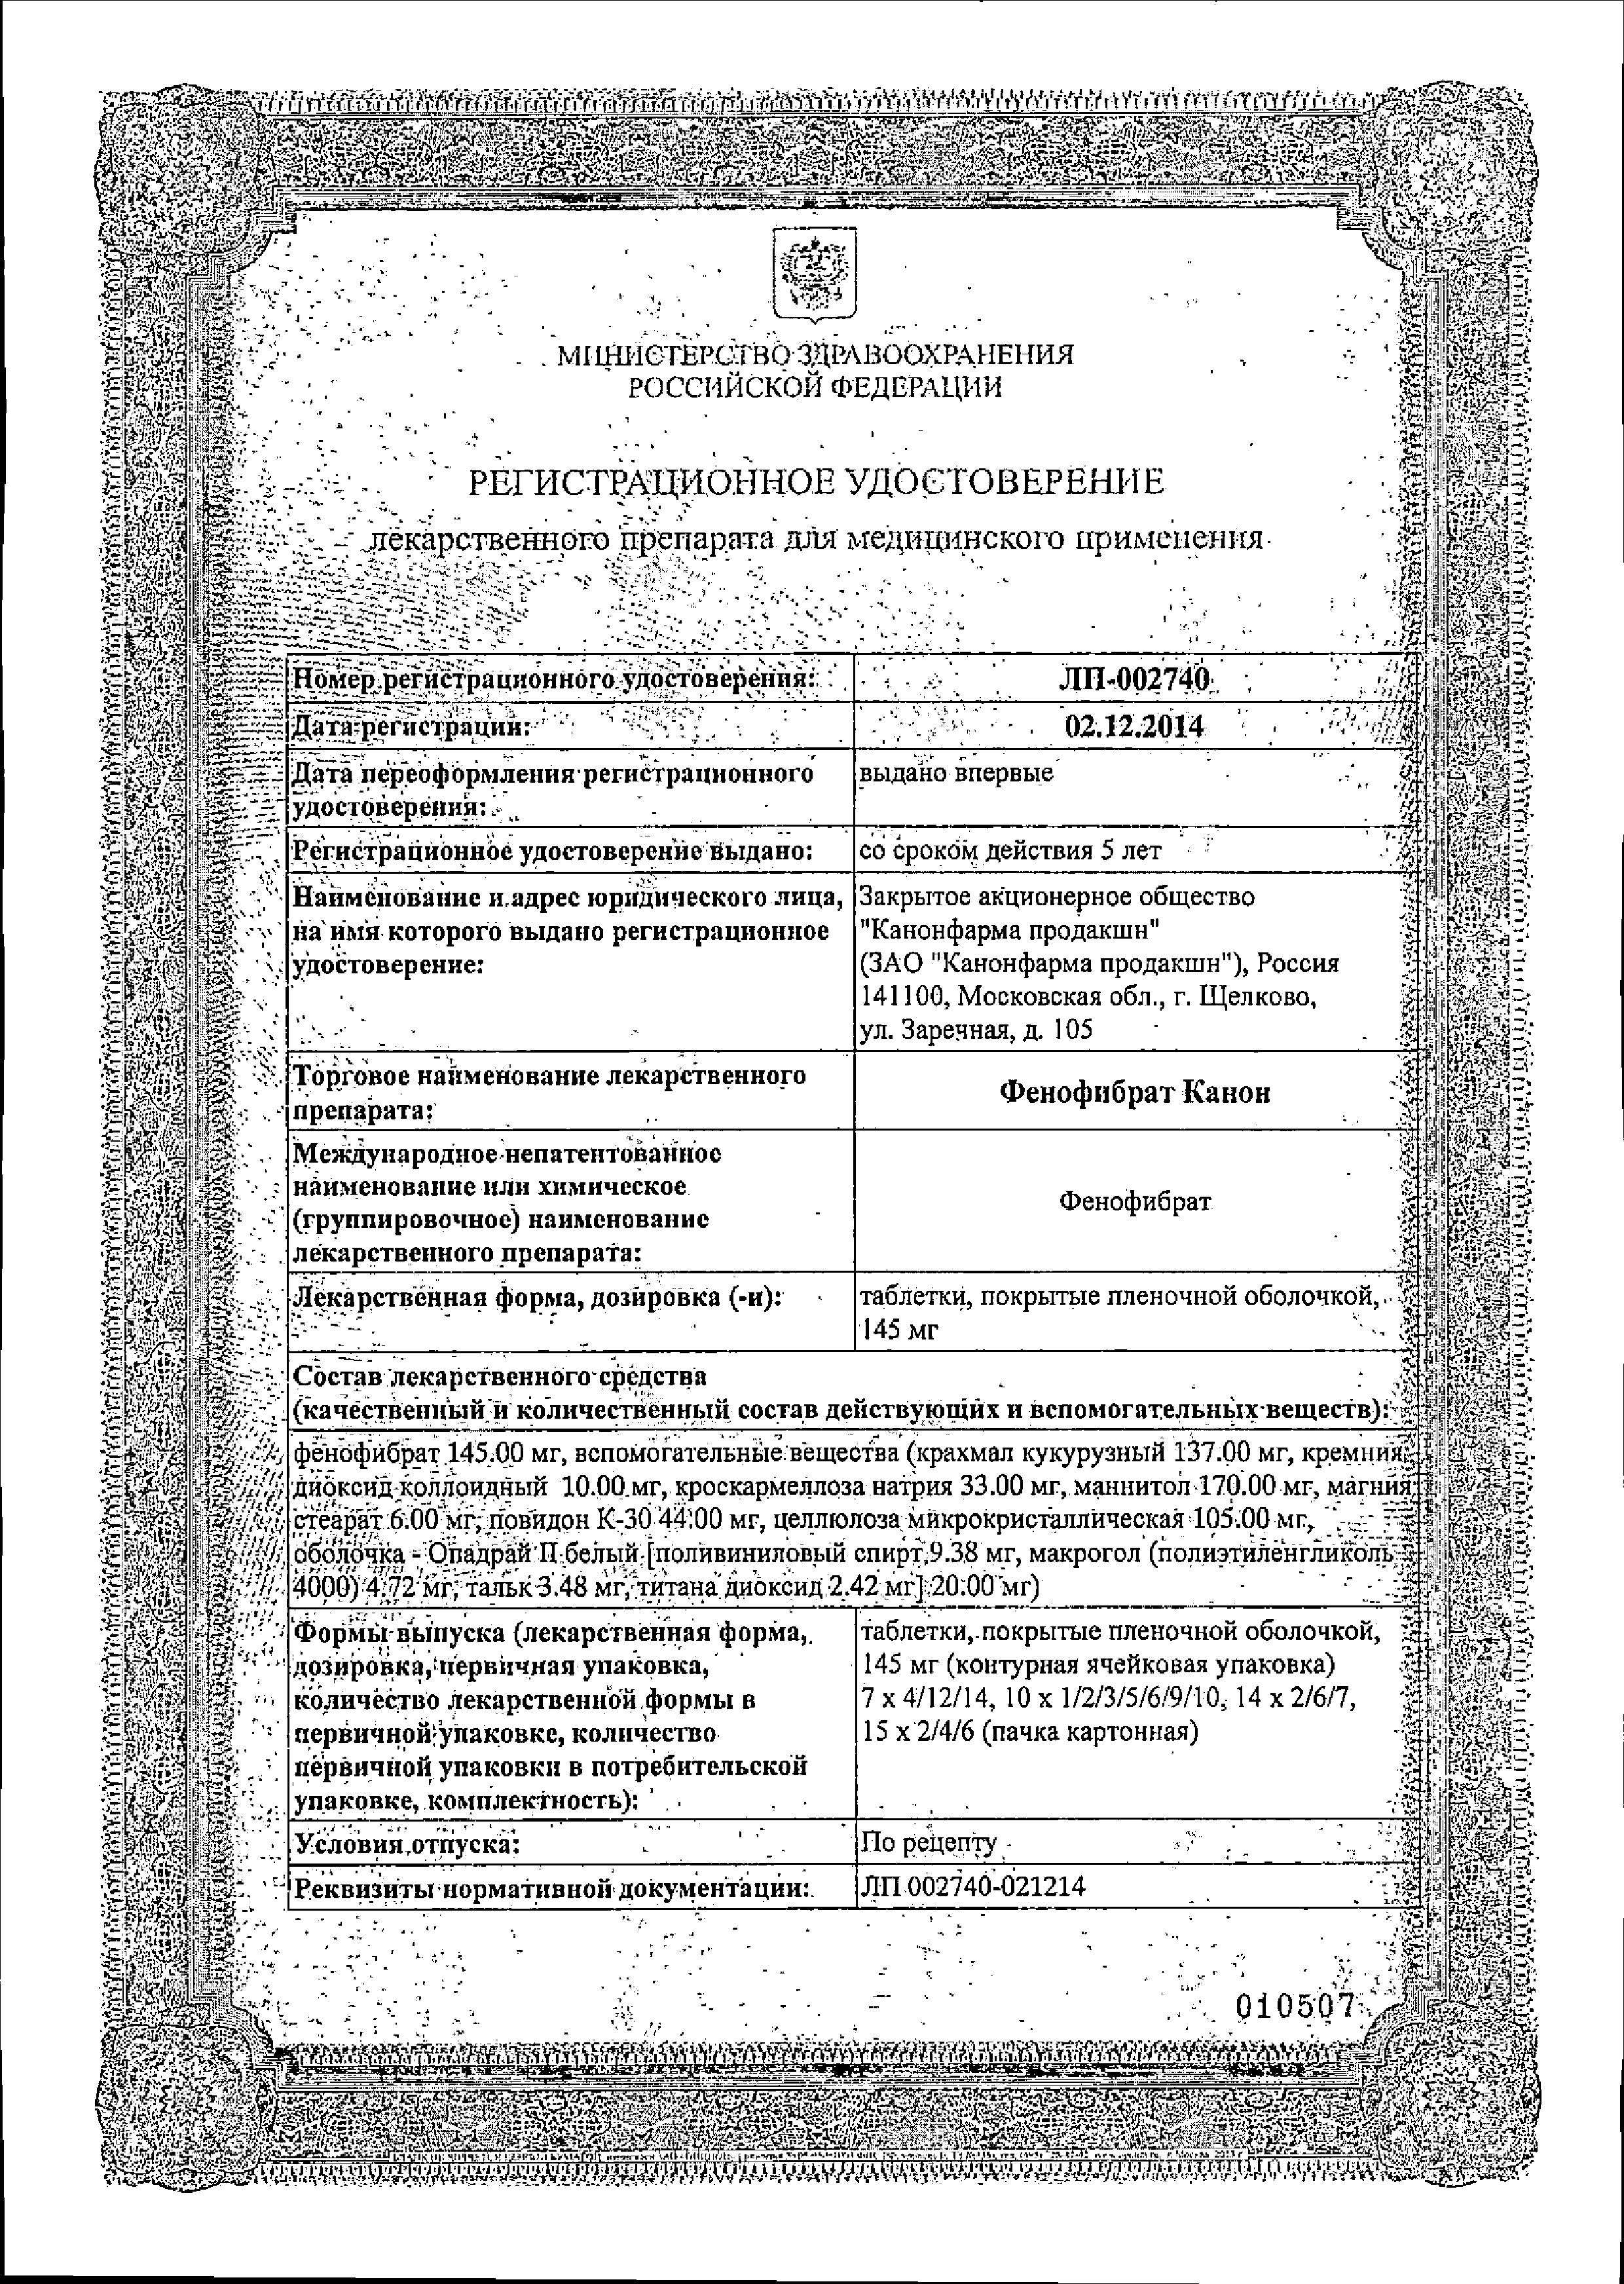 Фенофибрат Канон сертификат